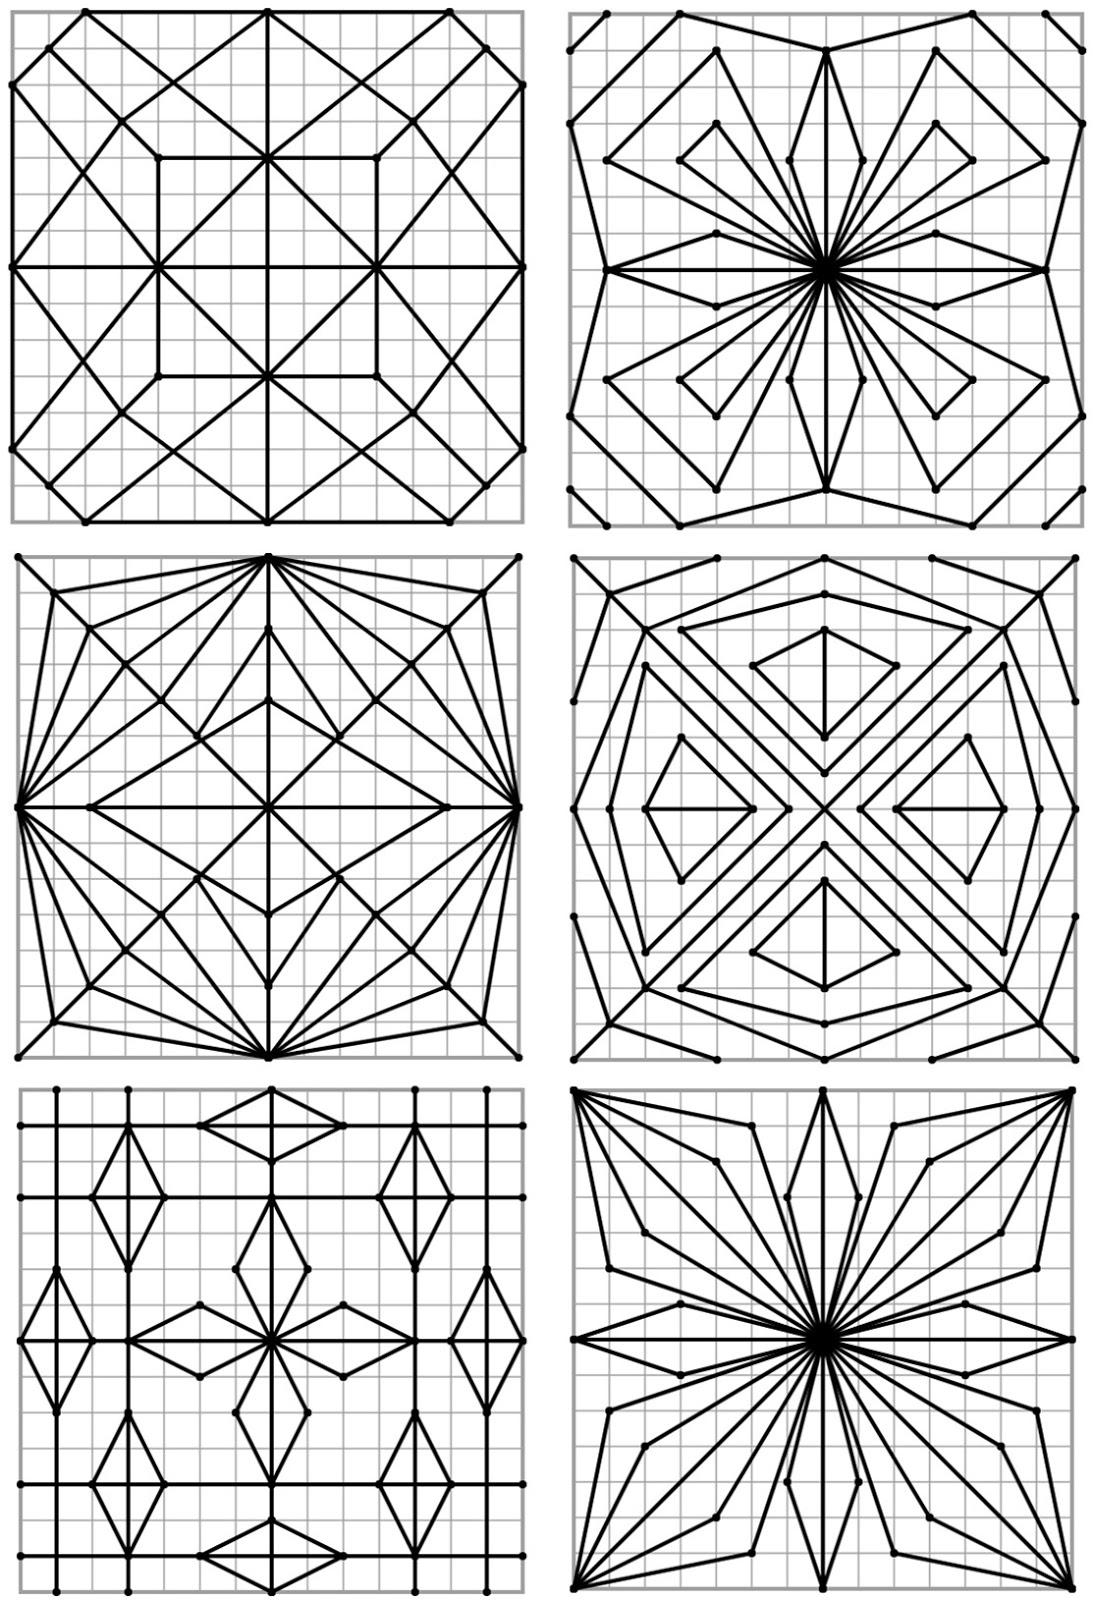 Remue Méninge: Reproduction De Figures Géométriques concernant Reproduire Une Figure